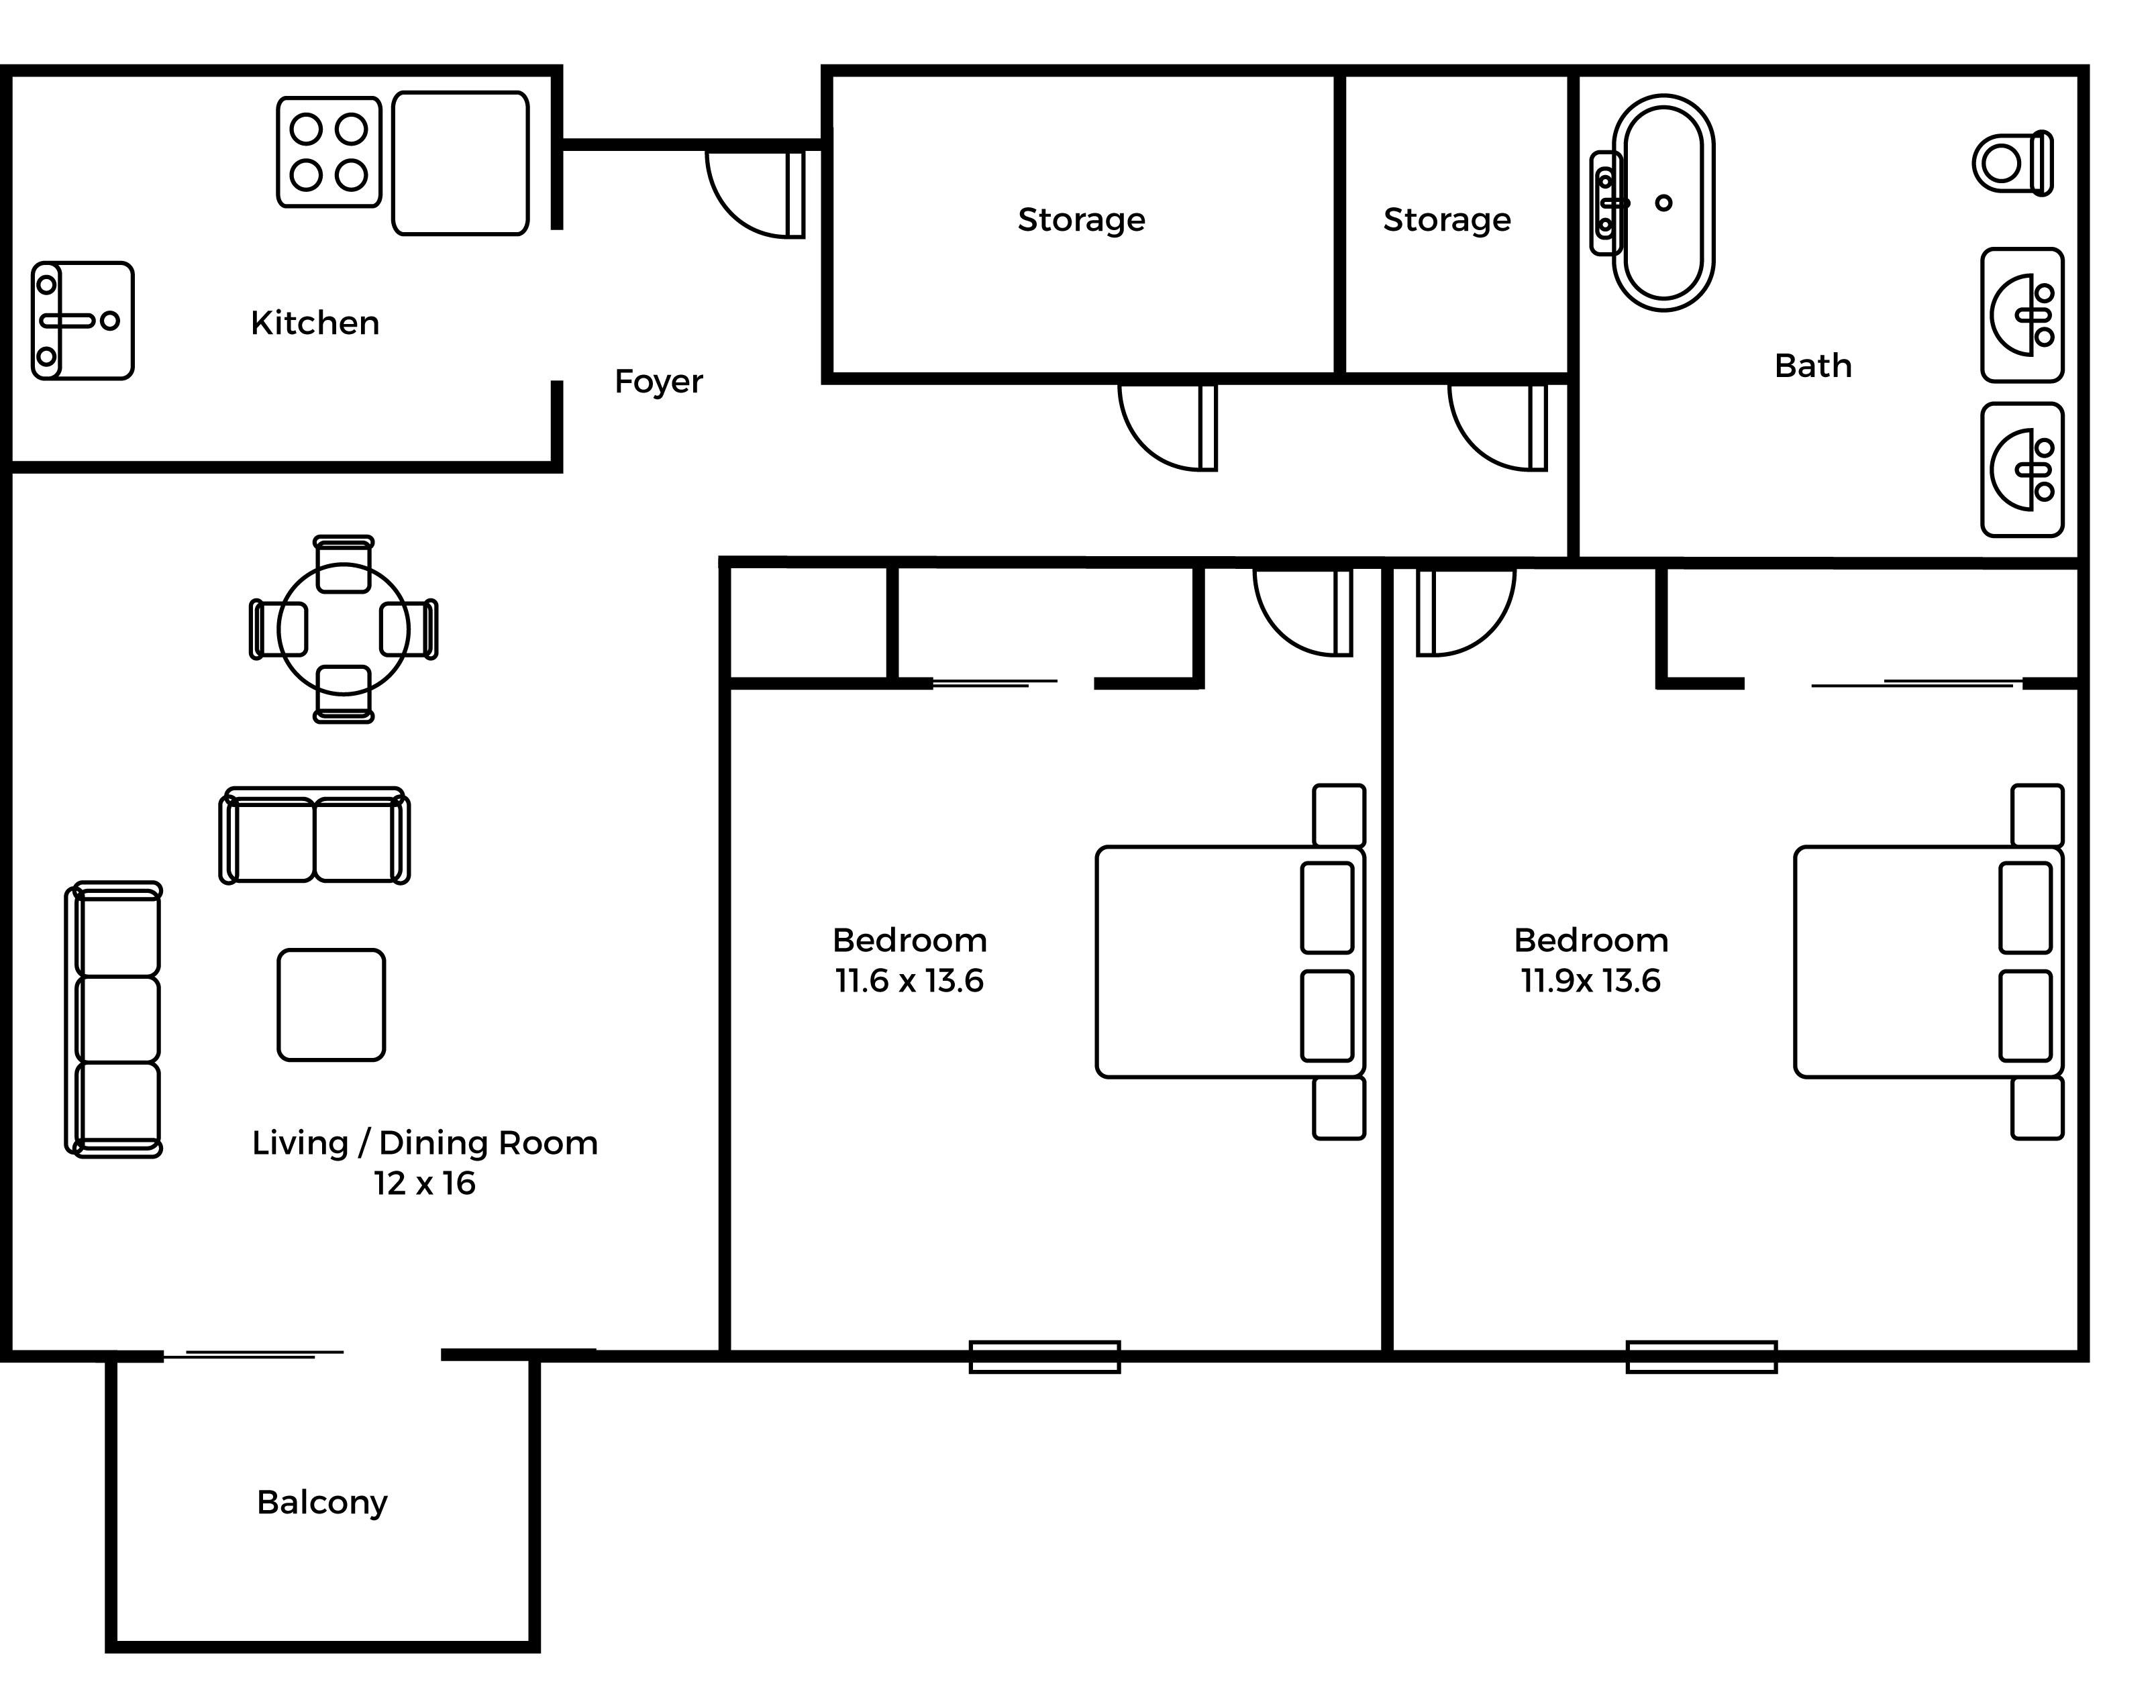 Regency balcony floorplan